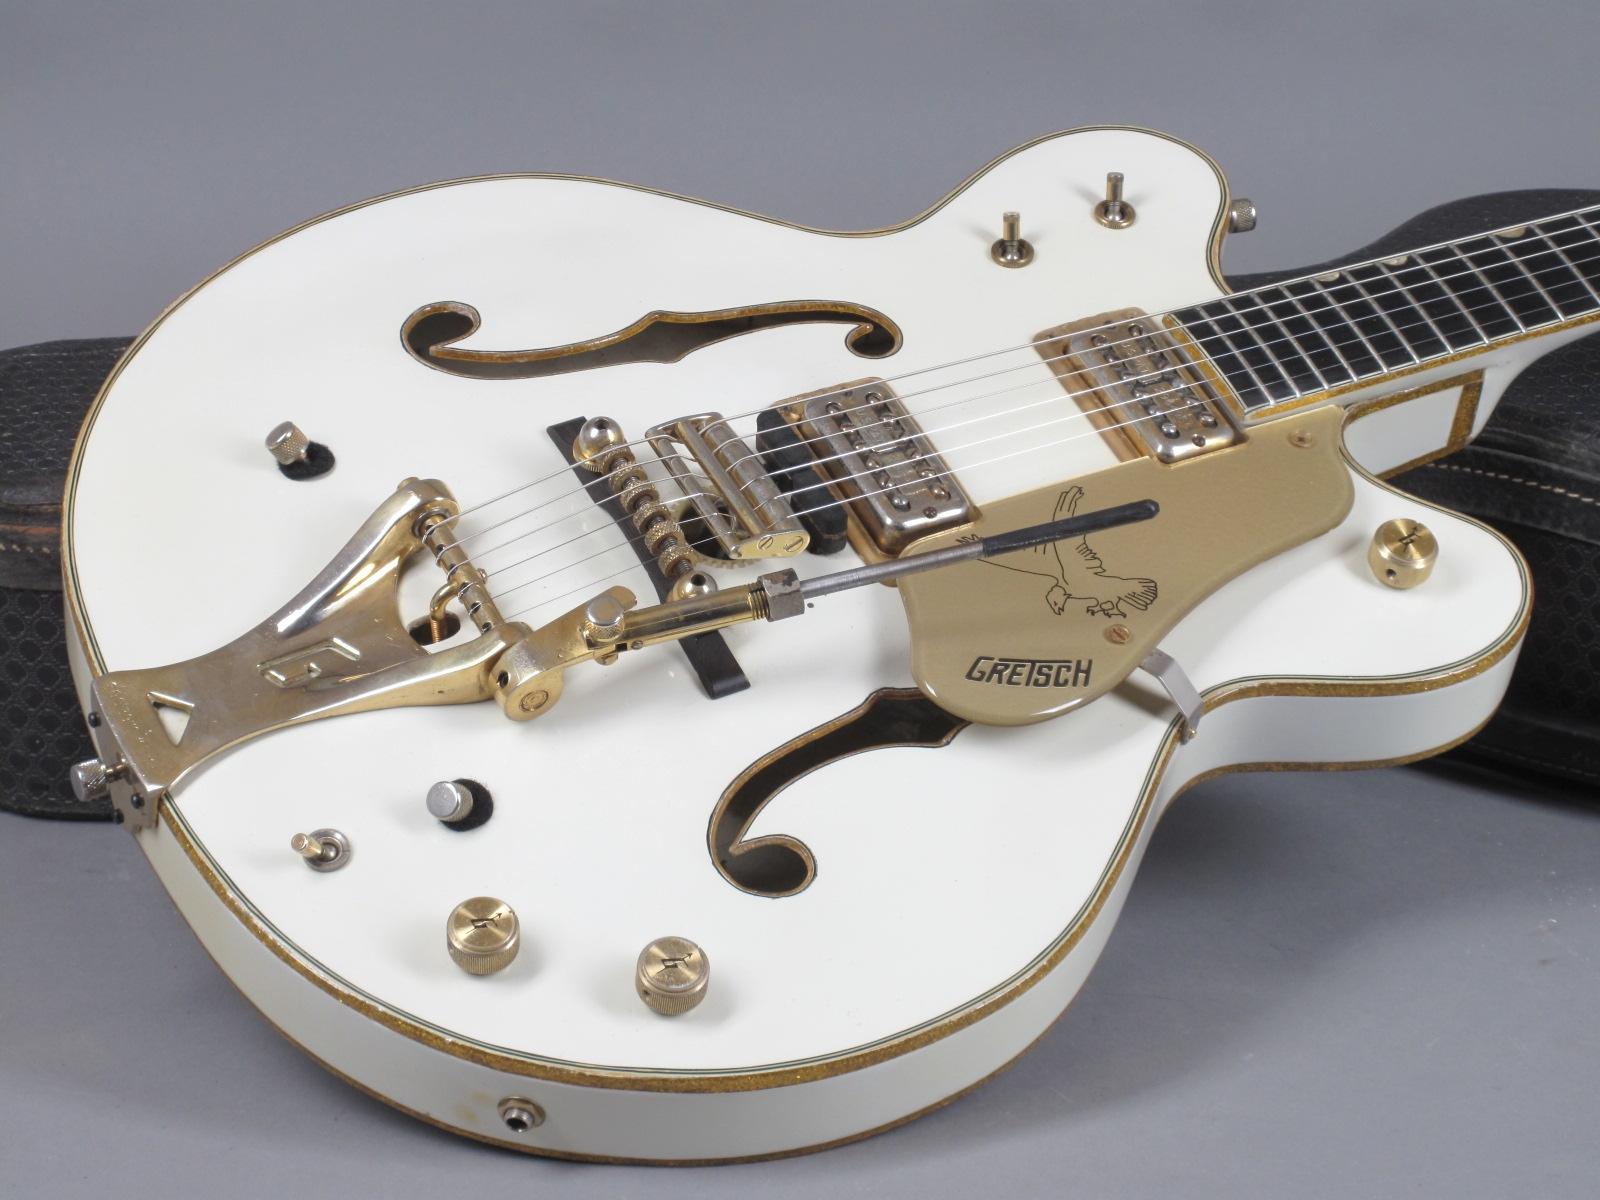 https://guitarpoint.de/app/uploads/products/1968-gretsch-white-falcon/1968-Gretsch-White-Falcon-8919-18.jpg